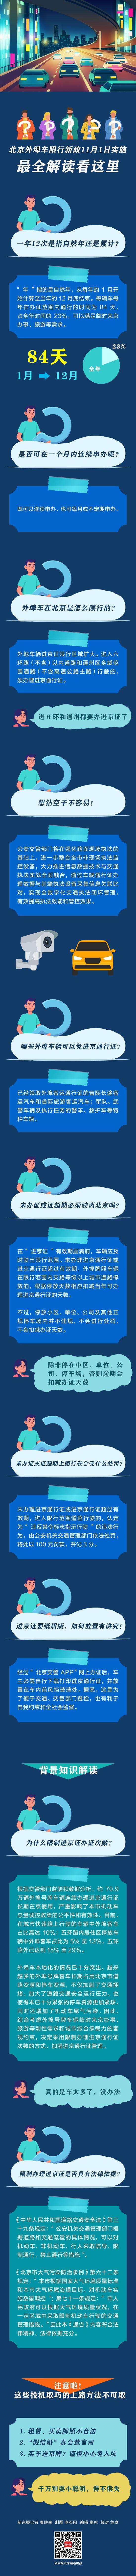 求太阳城亚洲娱乐官网 全球设计大咖齐聚西樵山,现代艺术与韵味古村将如何碰撞?